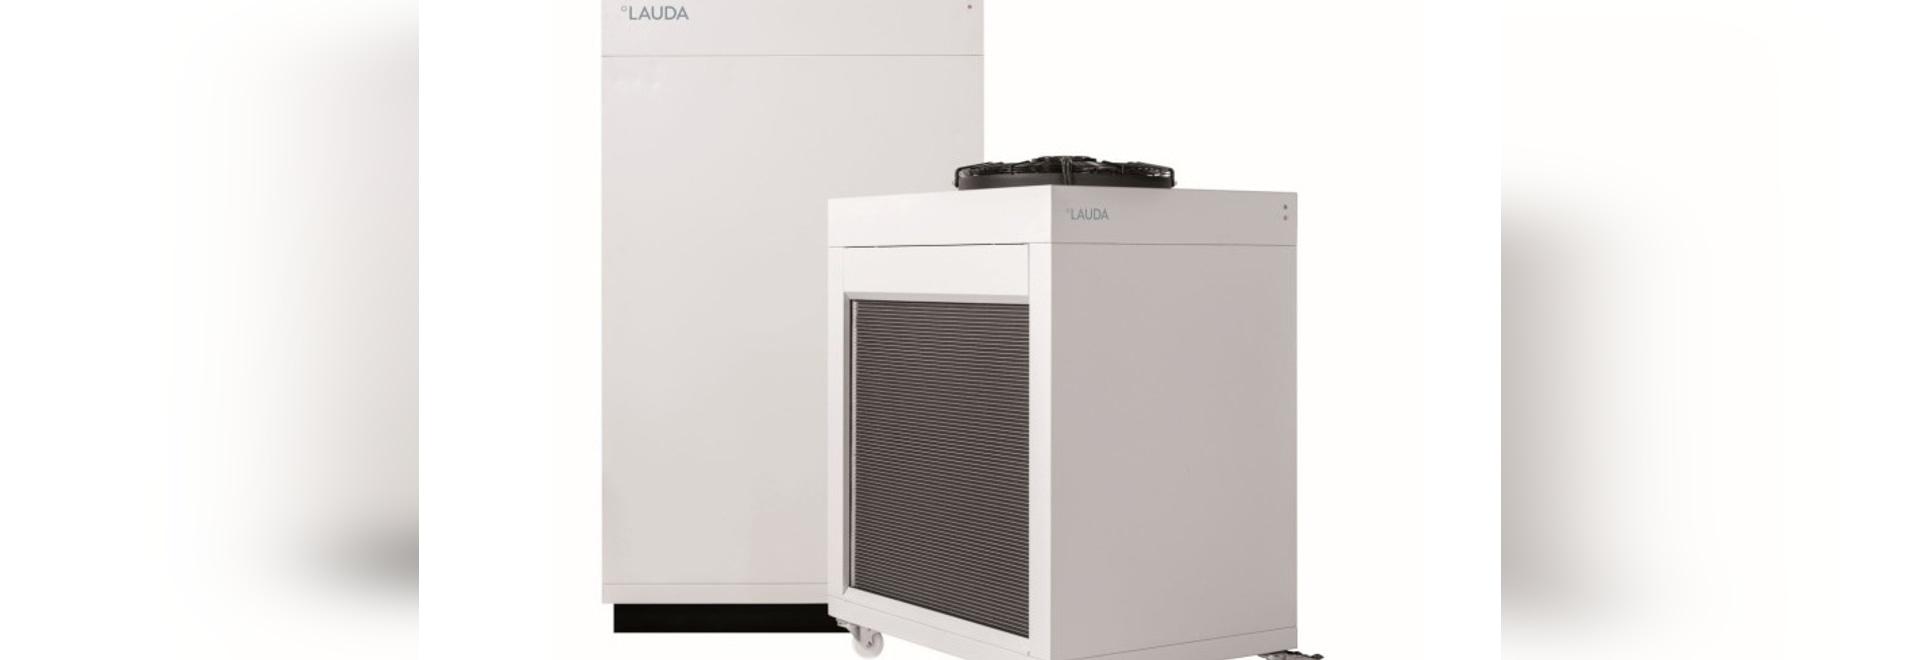 Refrigeratori di nuova generazione a circolazione ultrafreddo conformi alla direttiva sulla progettazione ecocompatibile